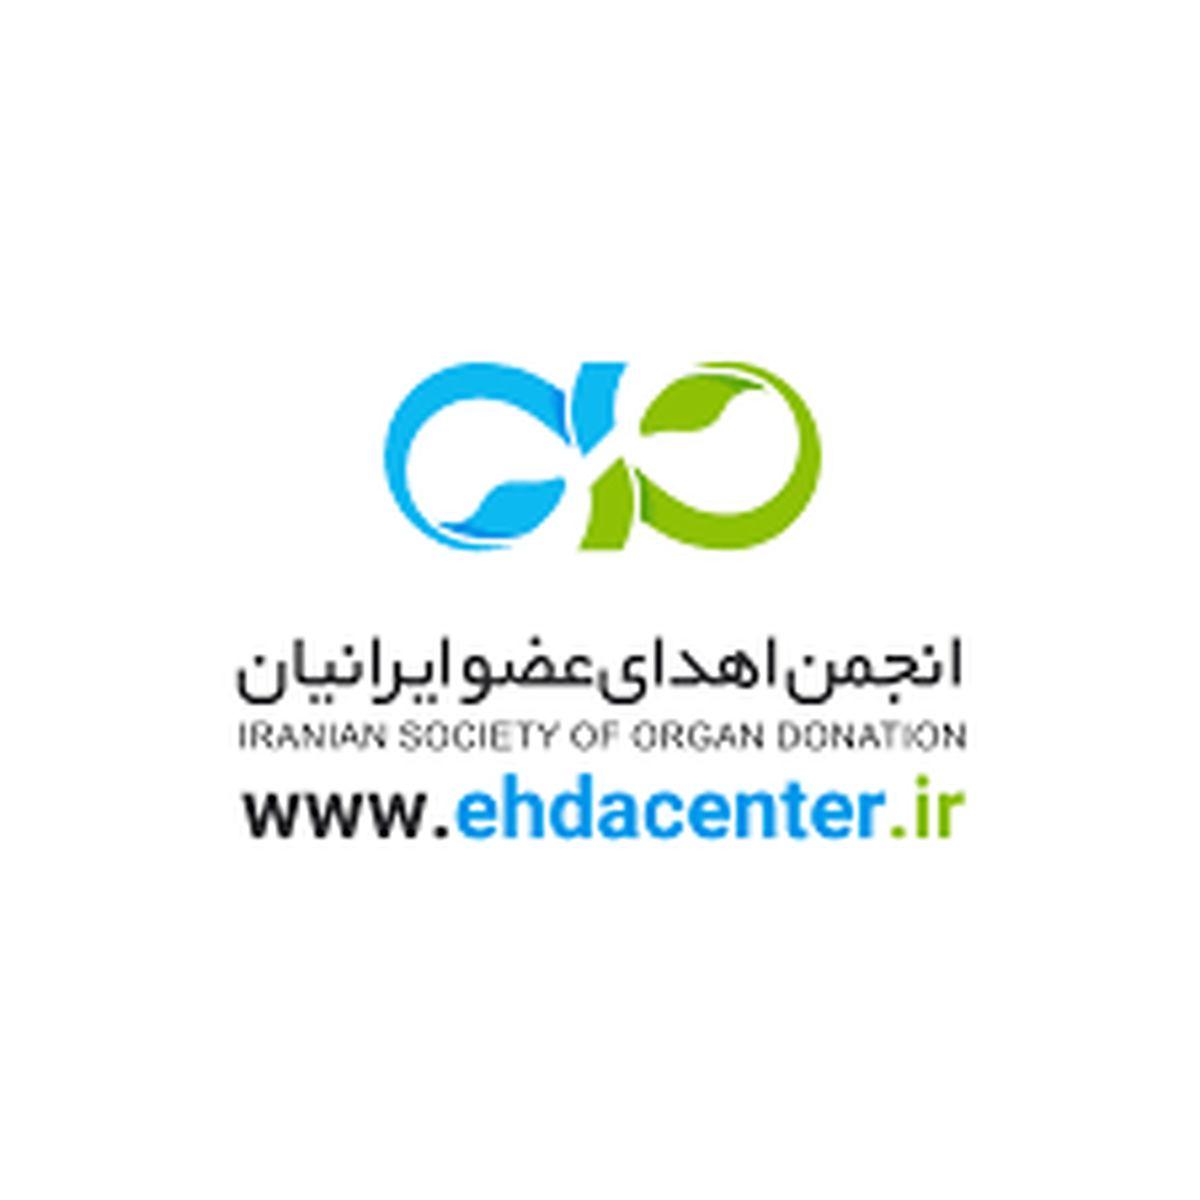 برپایی نخستین دوره آموزشی ایرفسک (IrFASC) در ایران